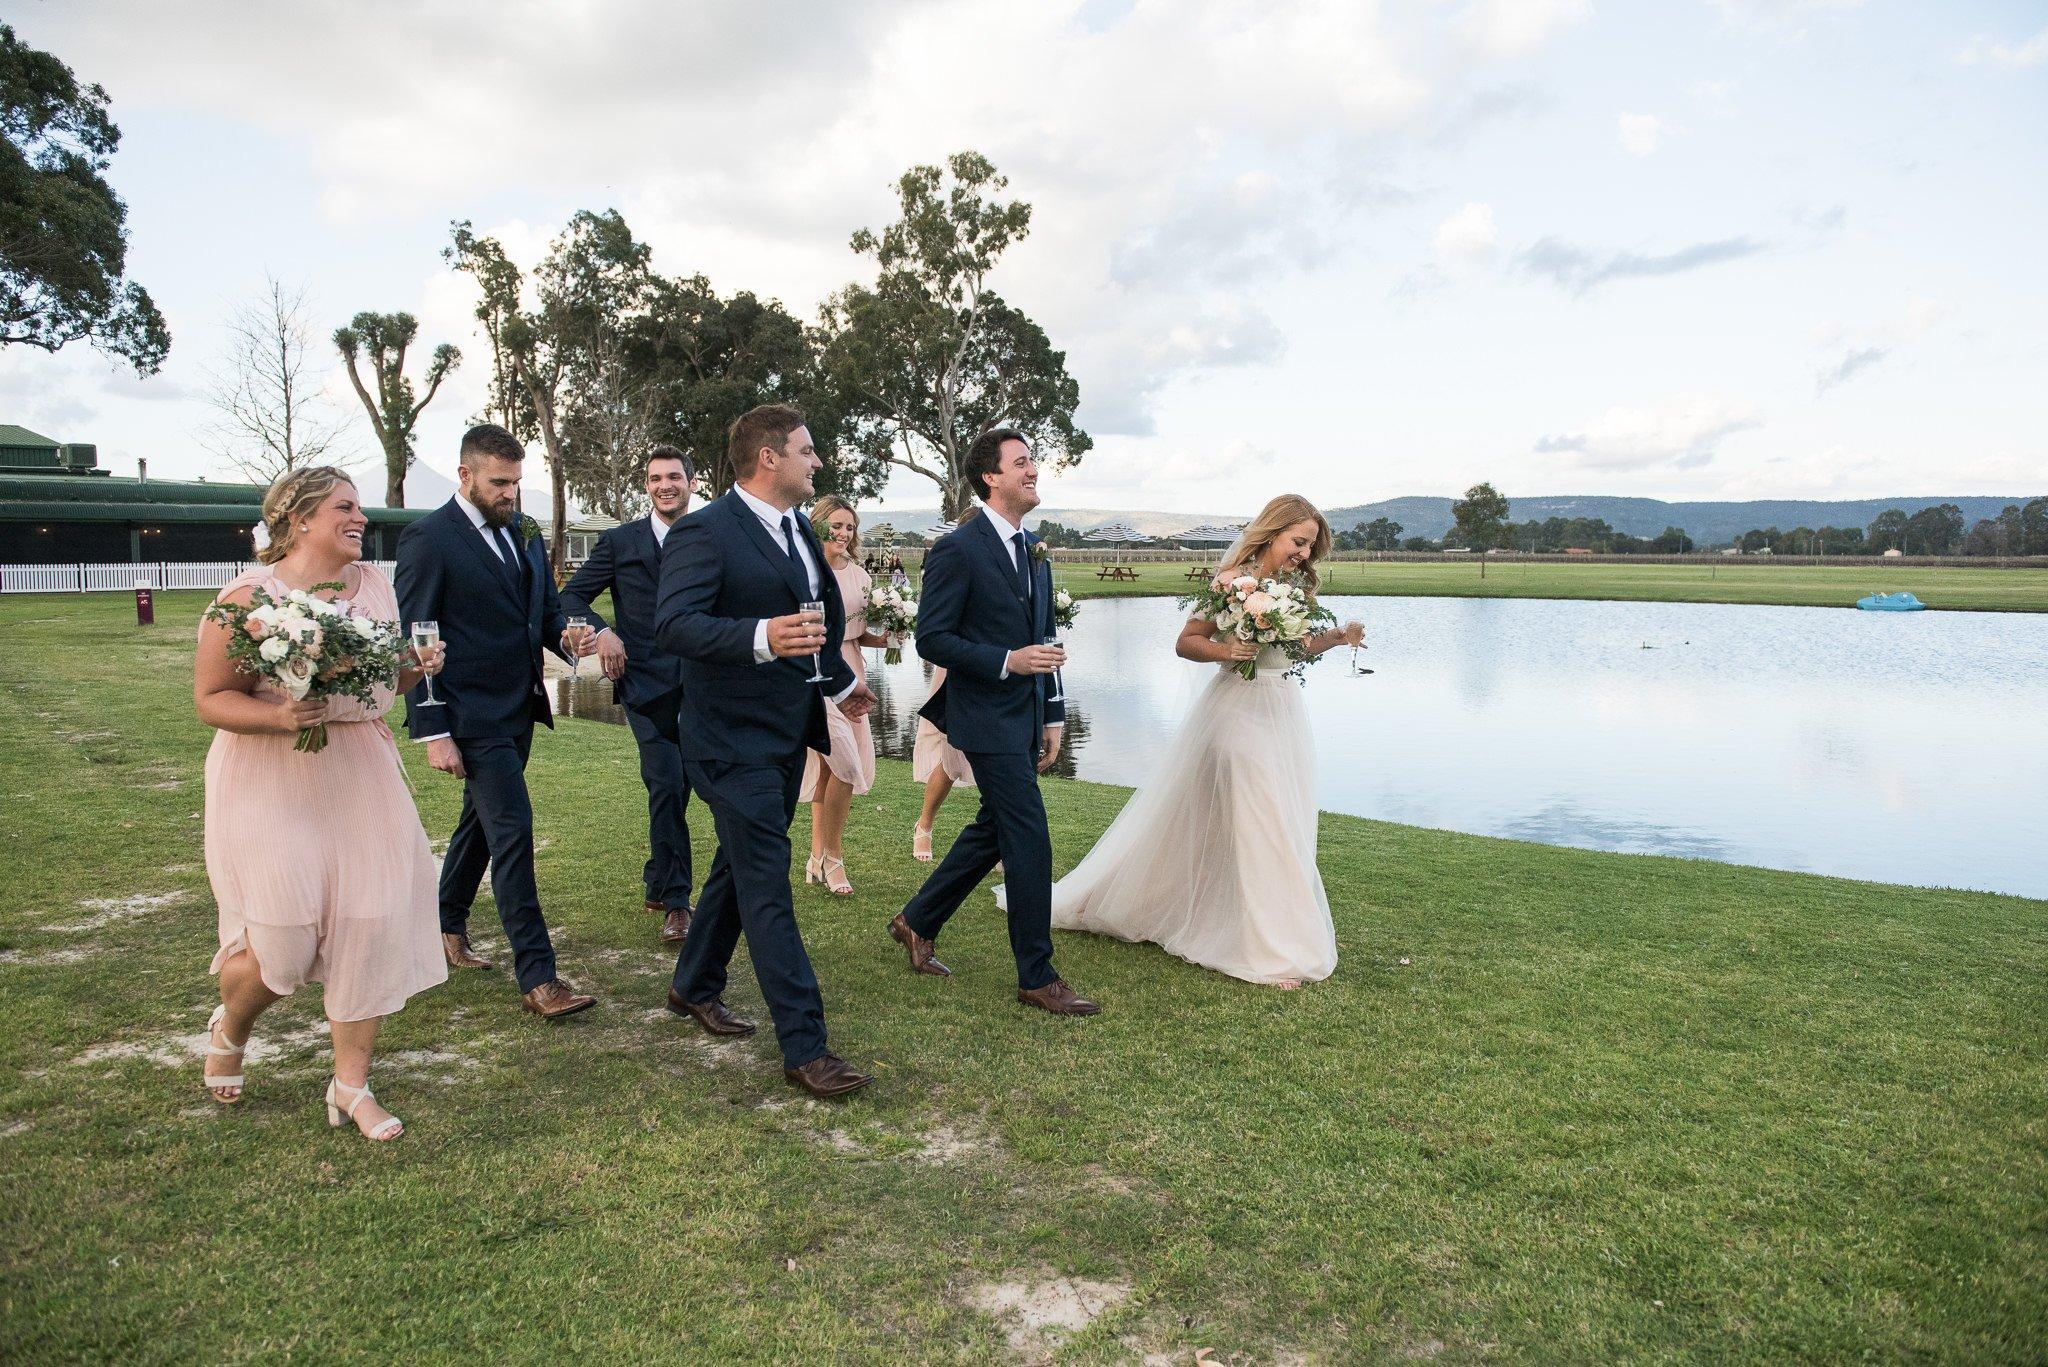 bridal party walking by a lake